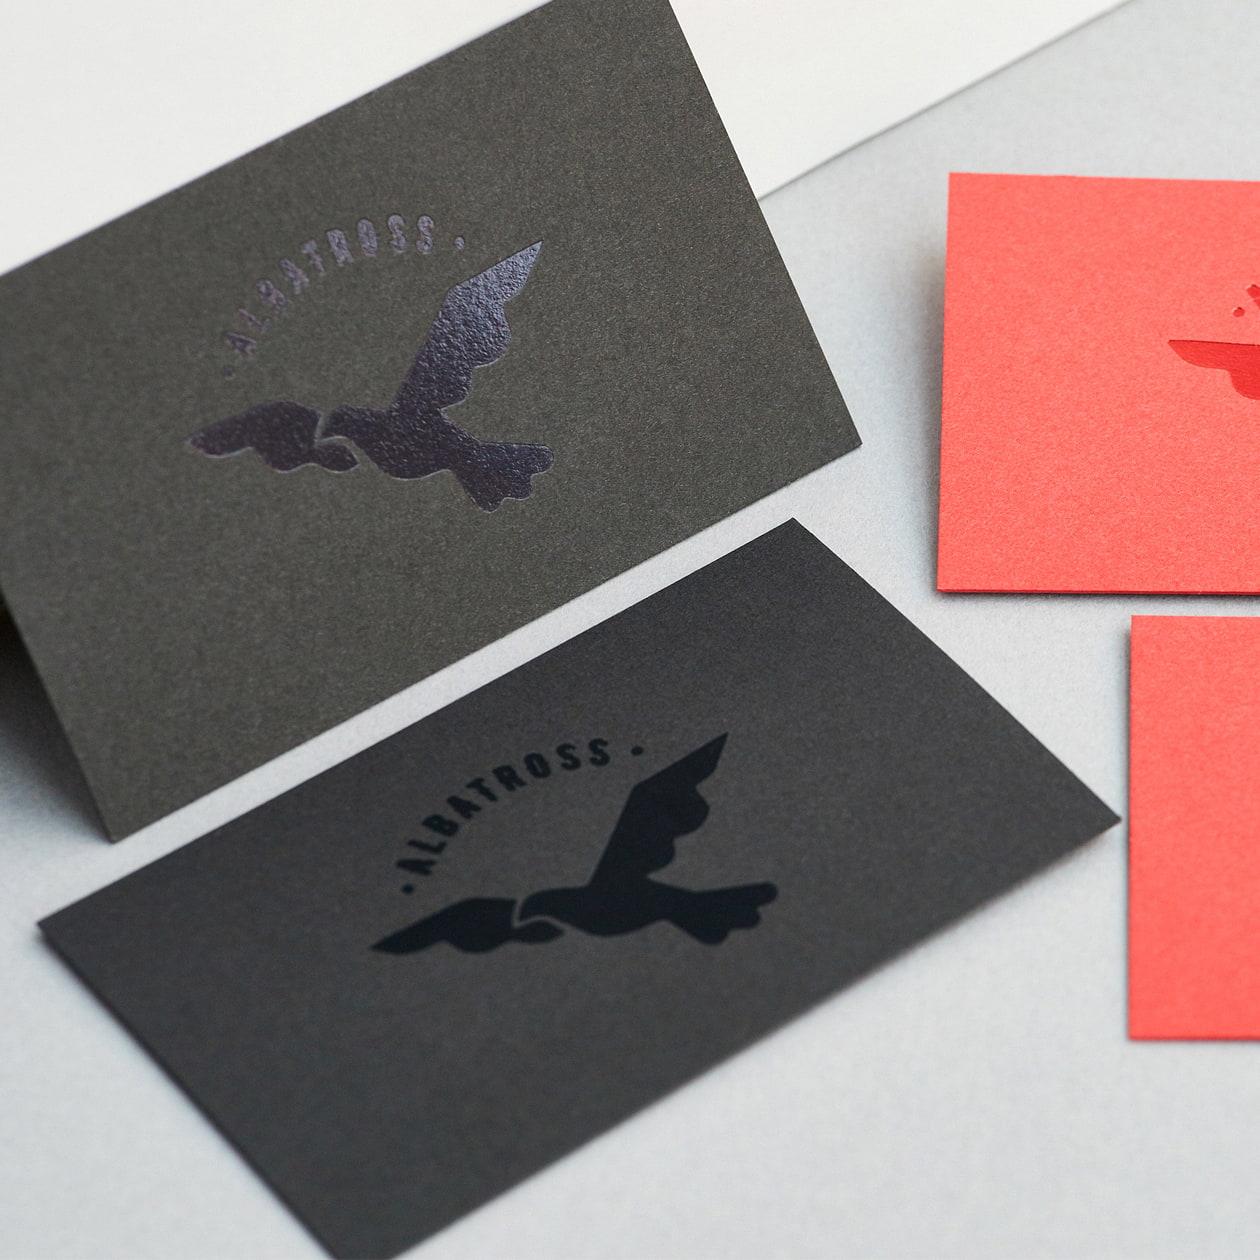 紙と同色の箔でロゴマークをさりげなく メンズアパレルブランドの名刺